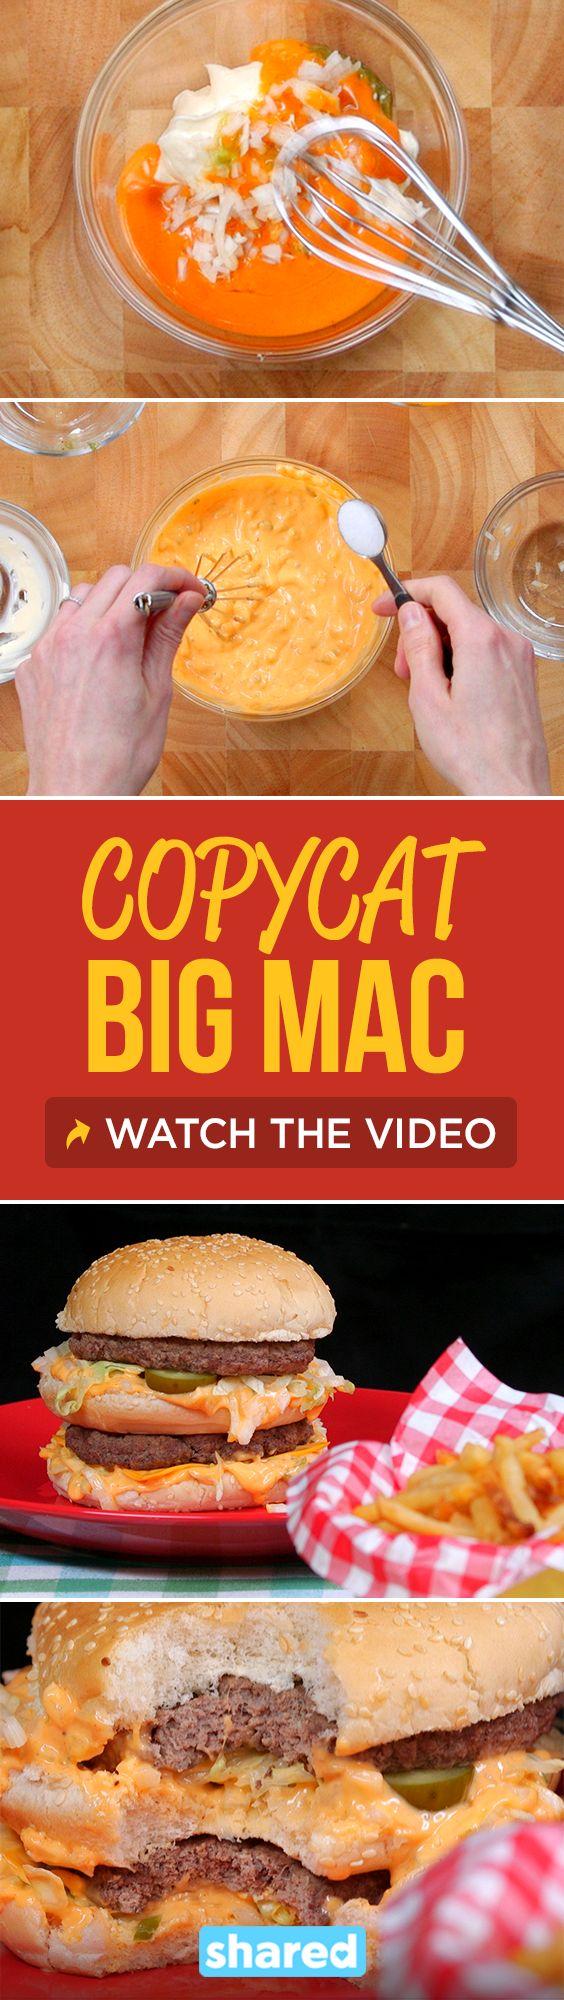 Copycat Big Mac                                                                                                                                                                                 More